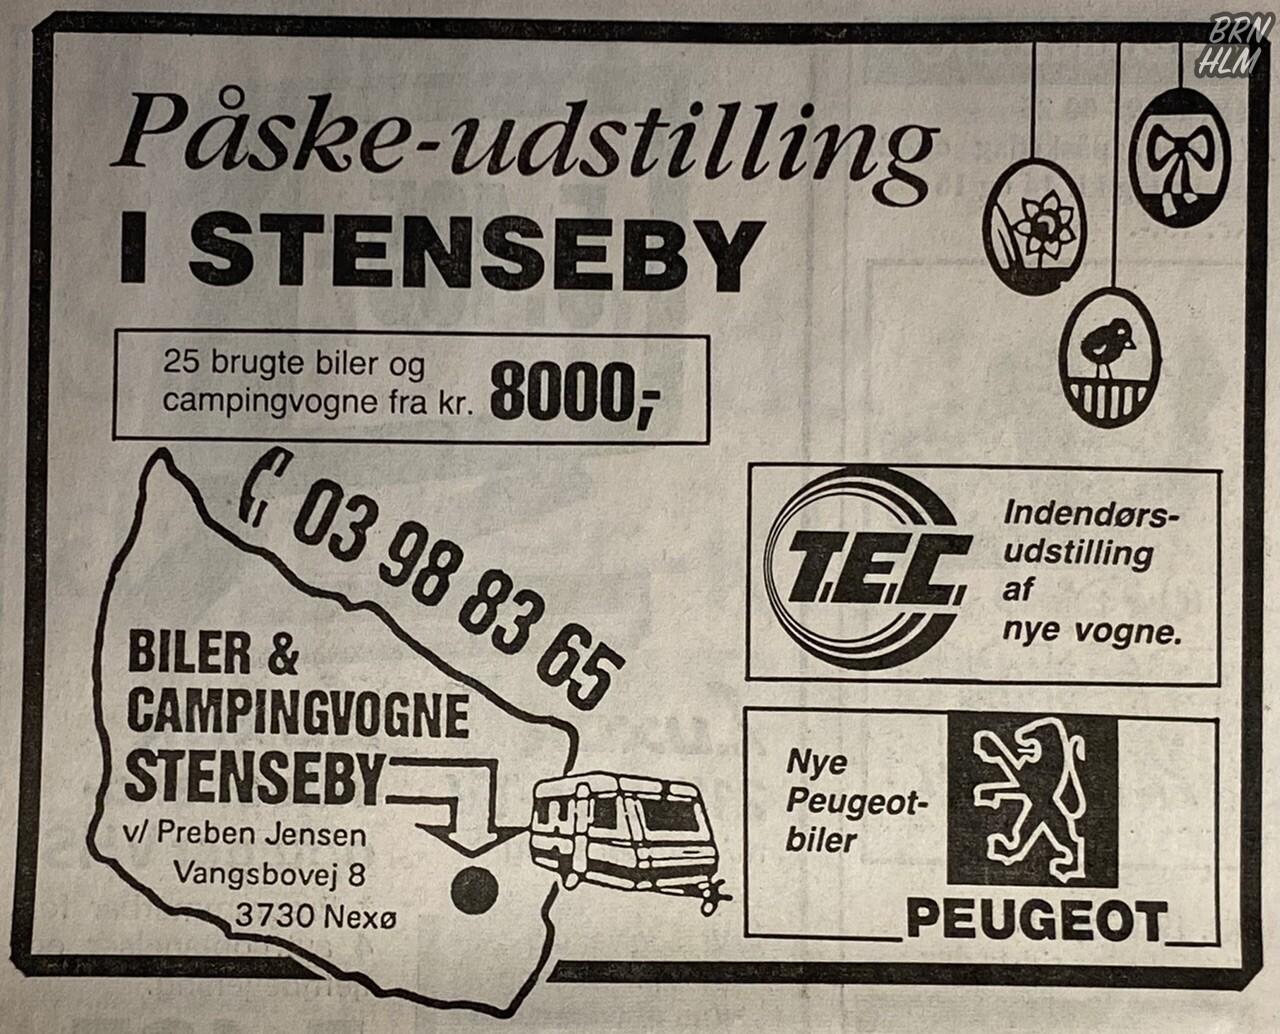 Peugeot - Biler & Campingvogne i Stenseby